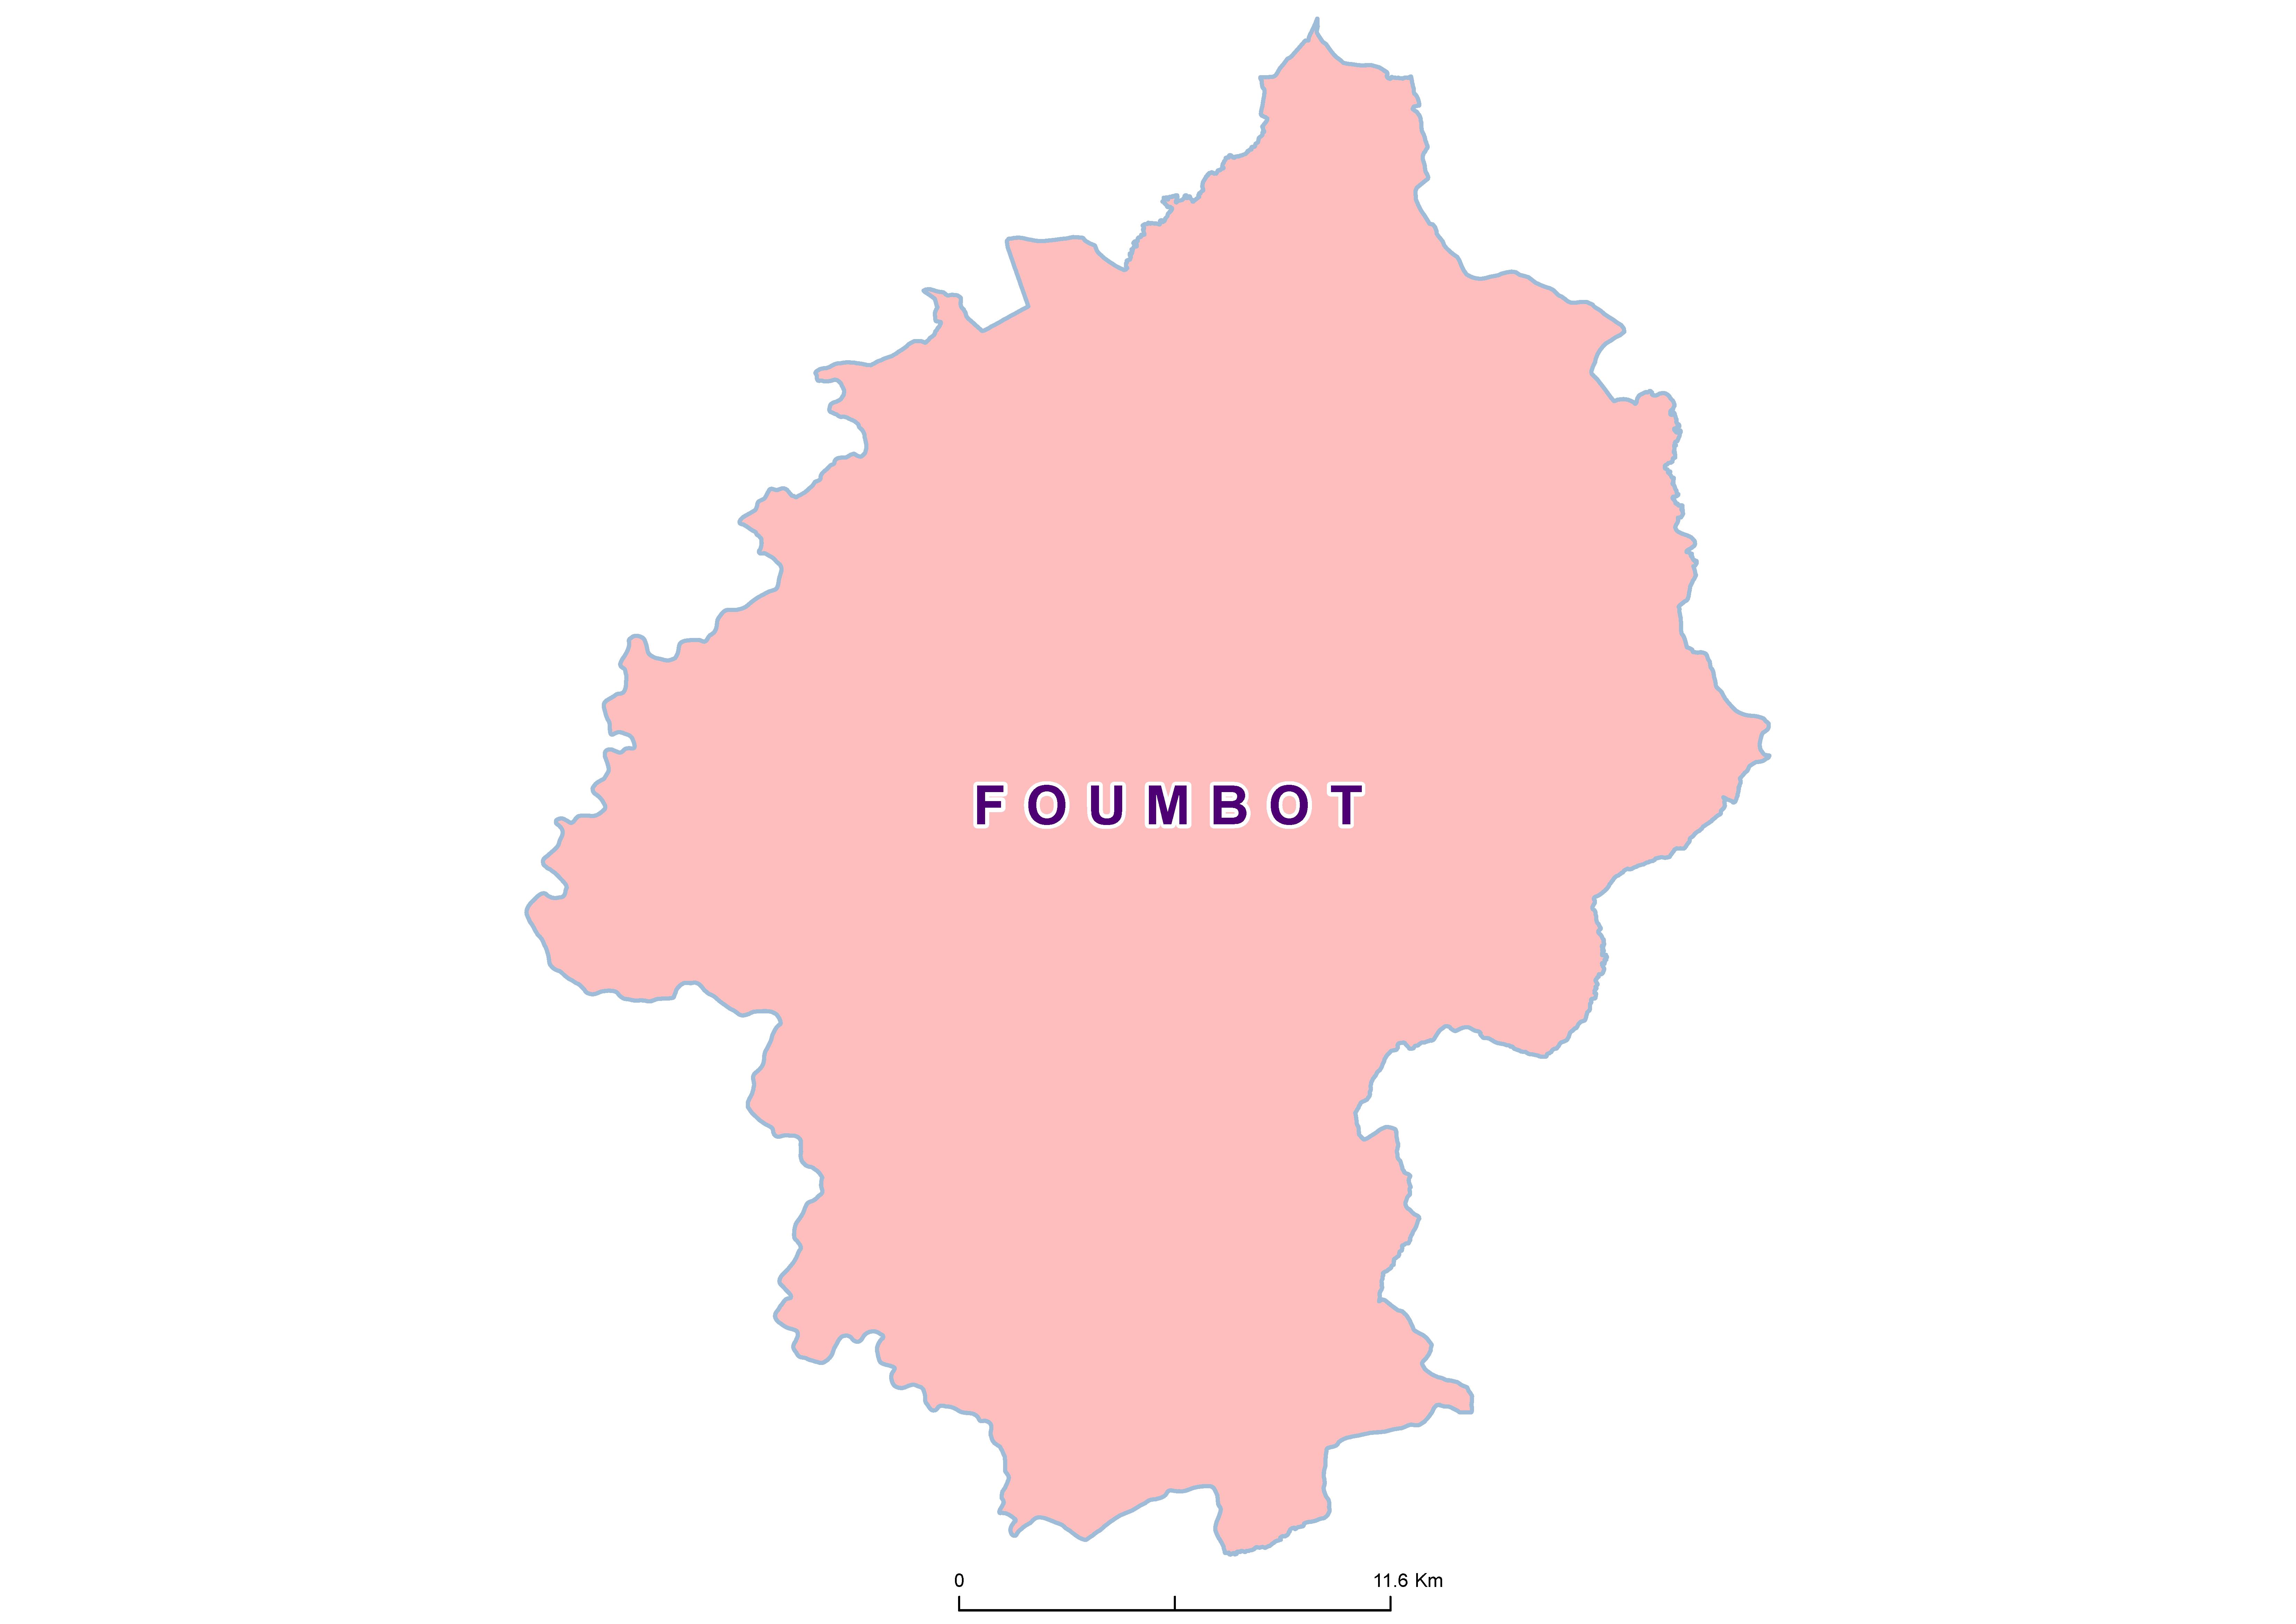 Foumbot Mean SCH 19850001